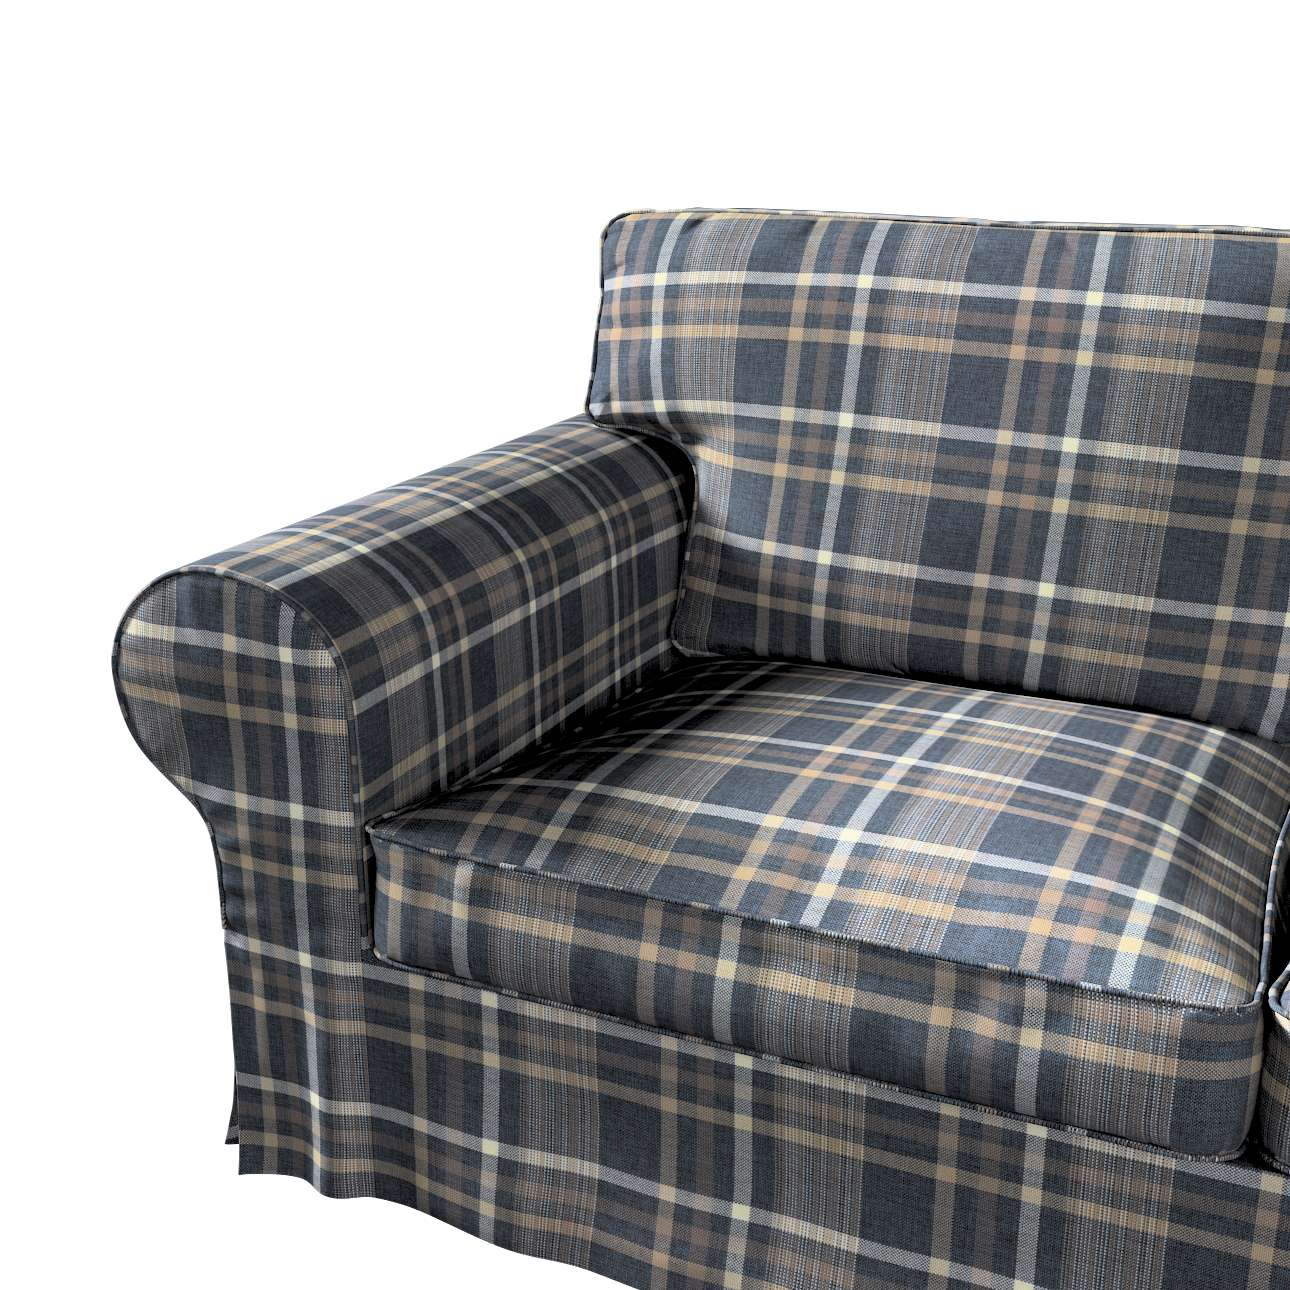 Pokrowiec na sofę Ektorp 2-osobową i leżankę w kolekcji Edinburgh, tkanina: 703-16